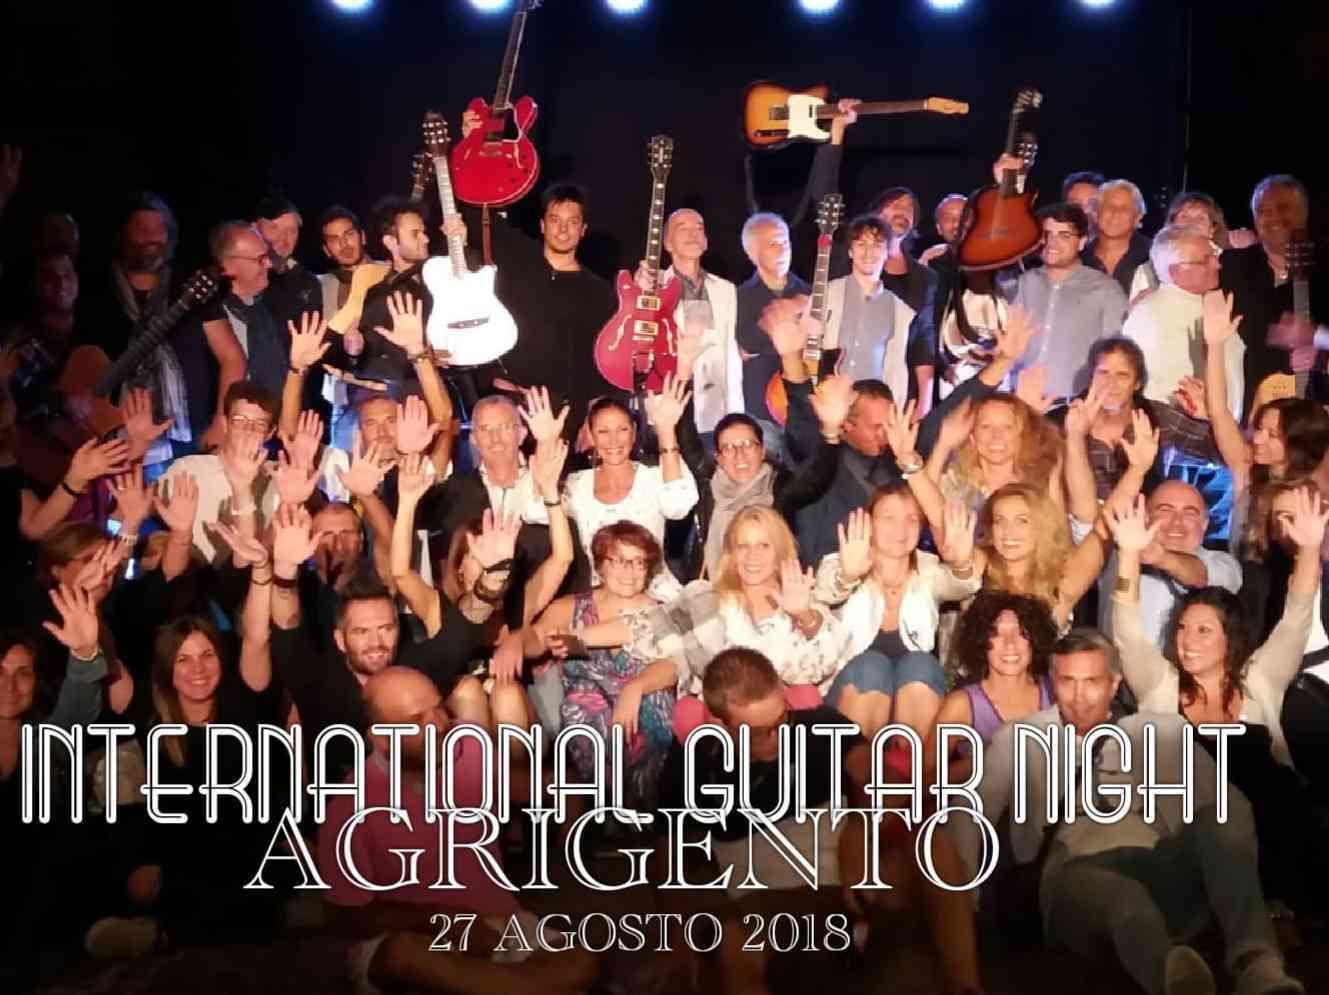 """Immagine articolo: """"International Guitar Night 2018"""" oltre seimila richieste di prenotazione. Domani sera ai piedi del Tempio di Giunone ad Agrigento"""